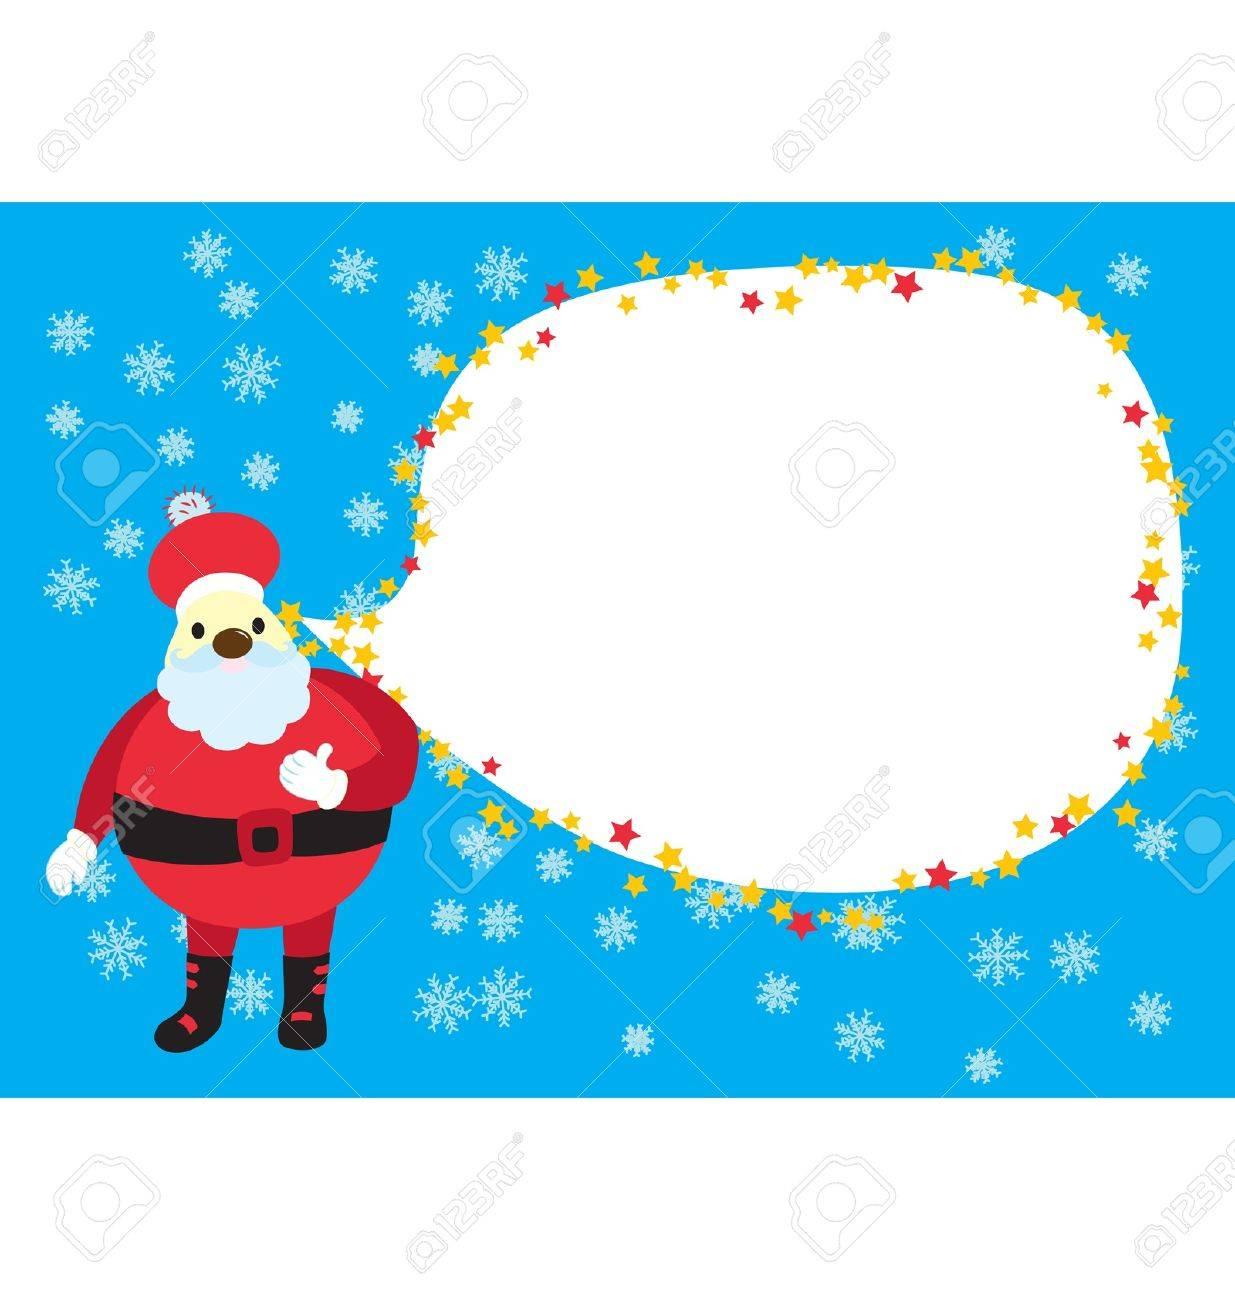 Un Modele Pour Noel Carte De Voeux Ou D Invitation Rencontre Avec Le Pere Noel Que L Envoi Du Message